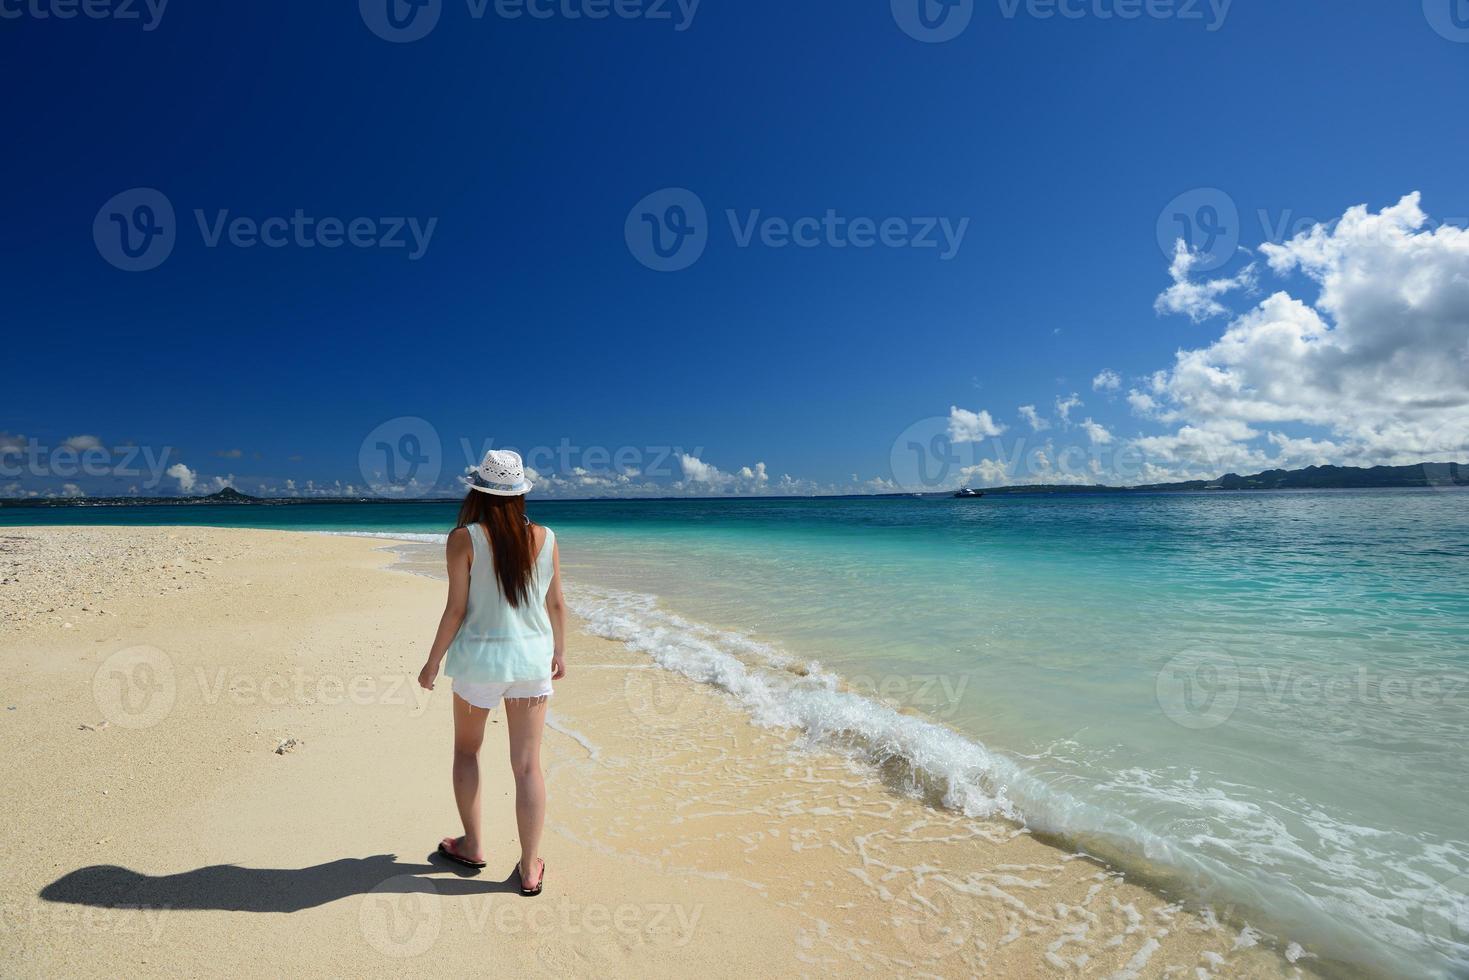 de vrouw die ontspant op het strand. foto